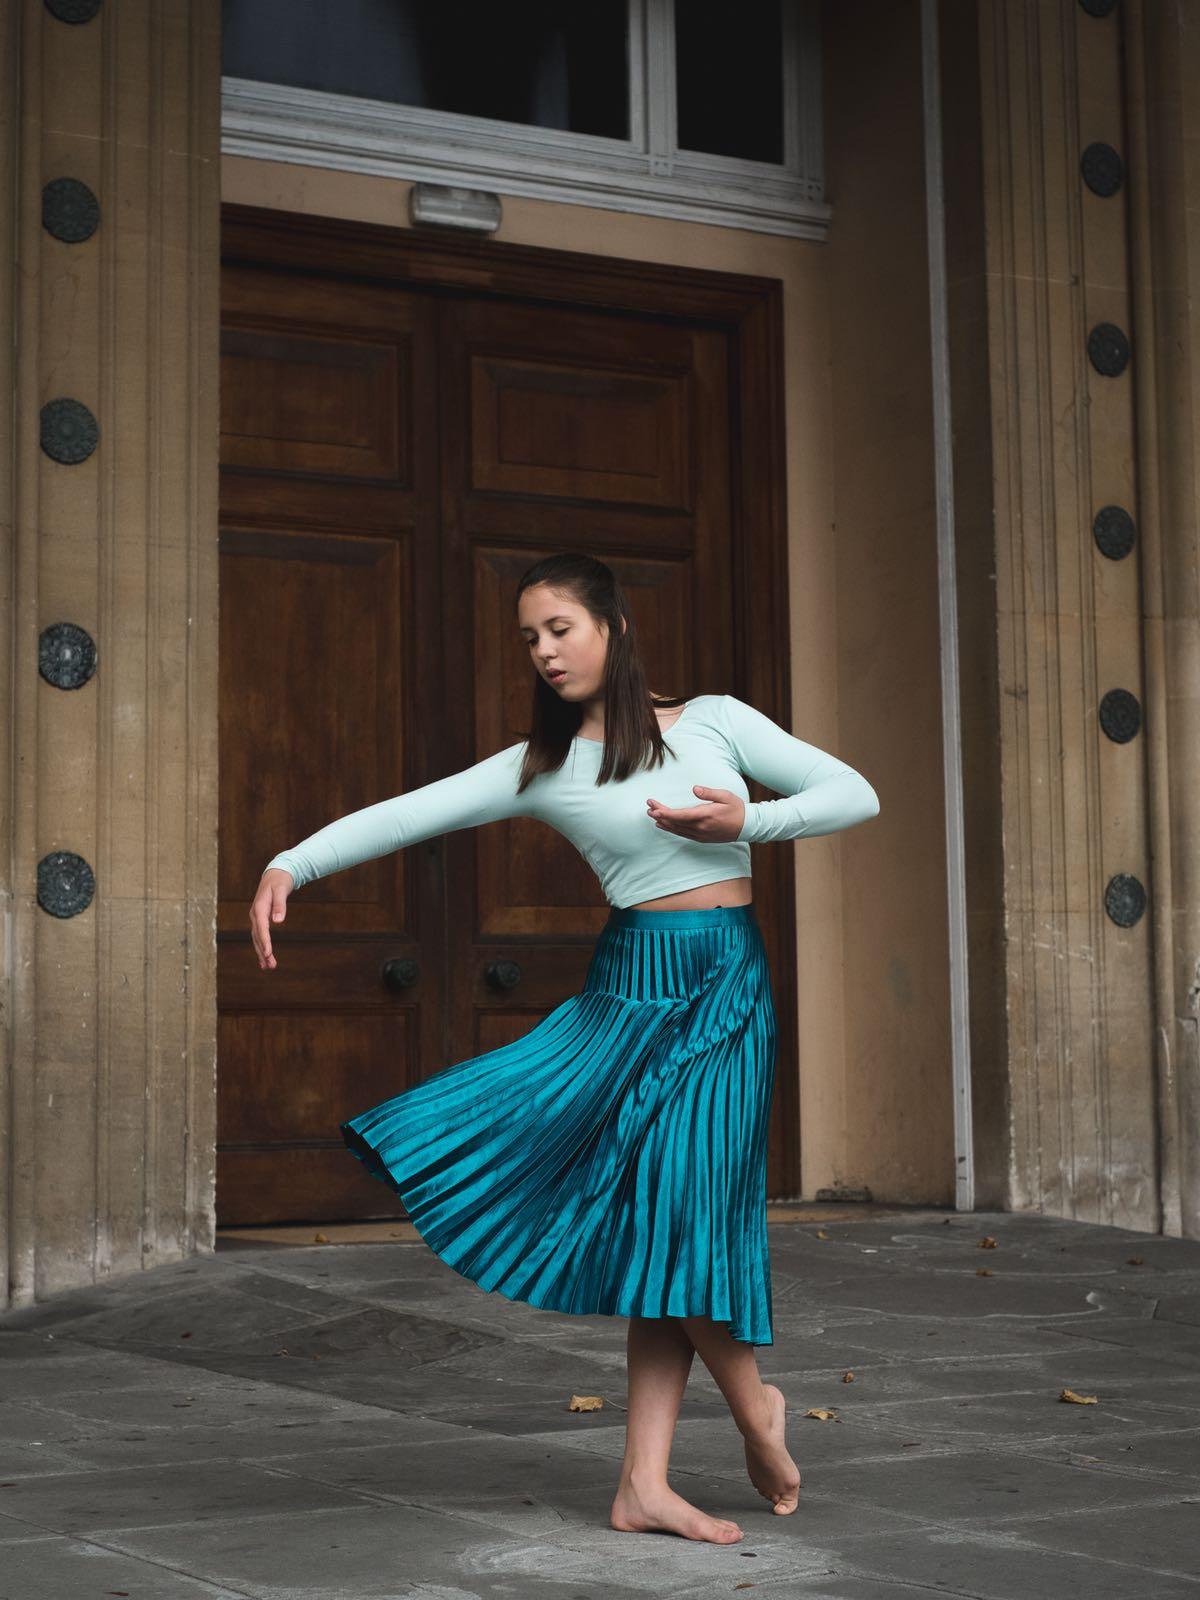 Megan Dancing 2.JPG